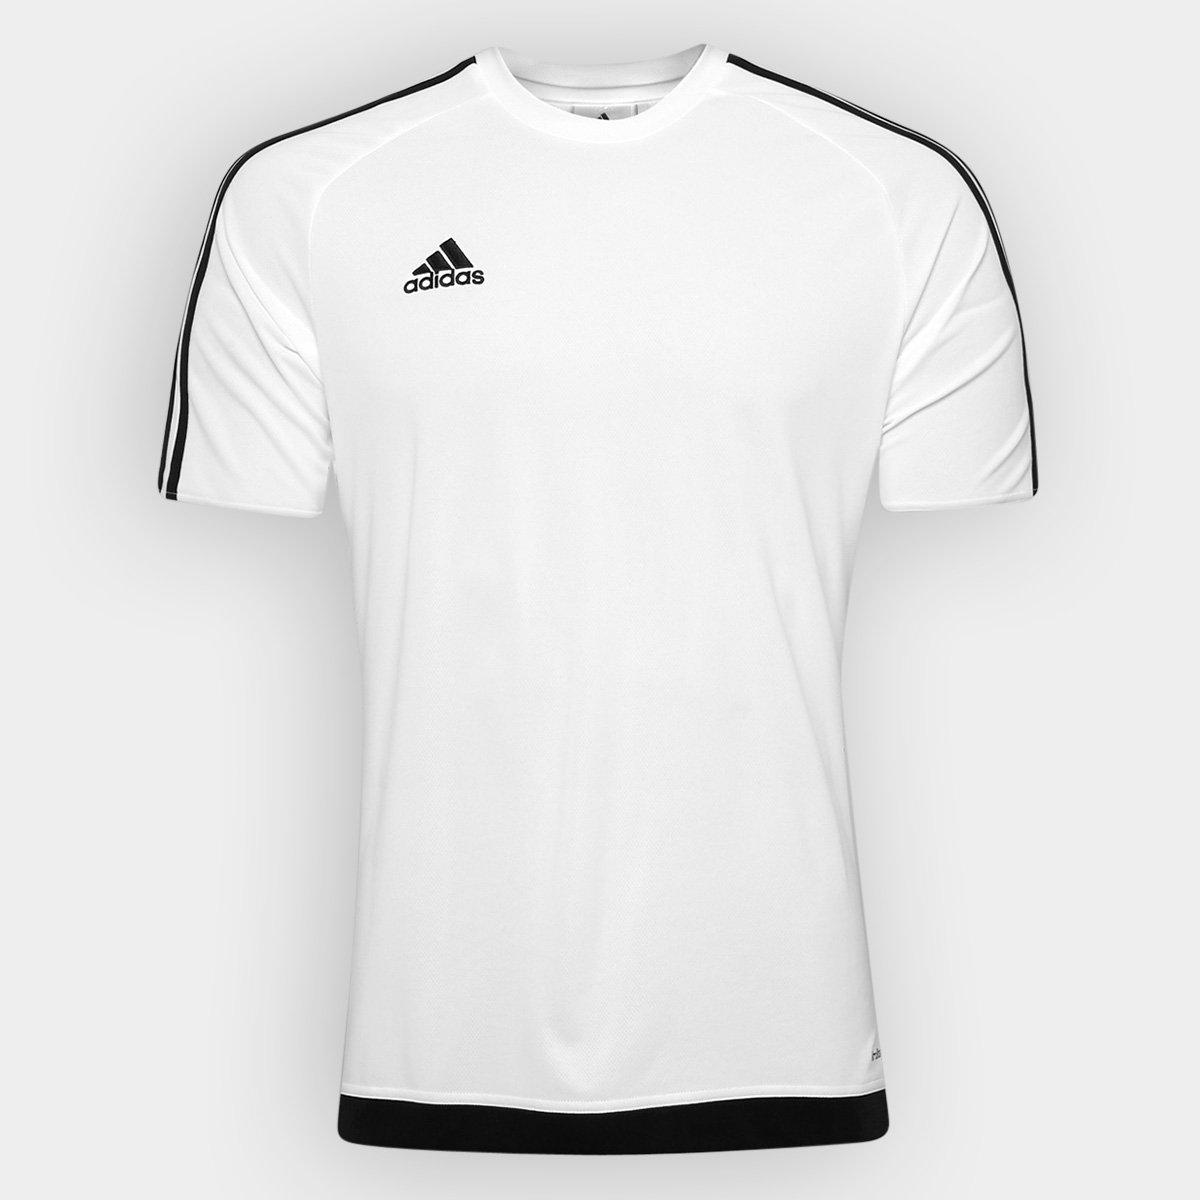 1045eb72c59fc Camisa Adidas Estro 15 Masculina - Branco e Preto - Compre Agora ...